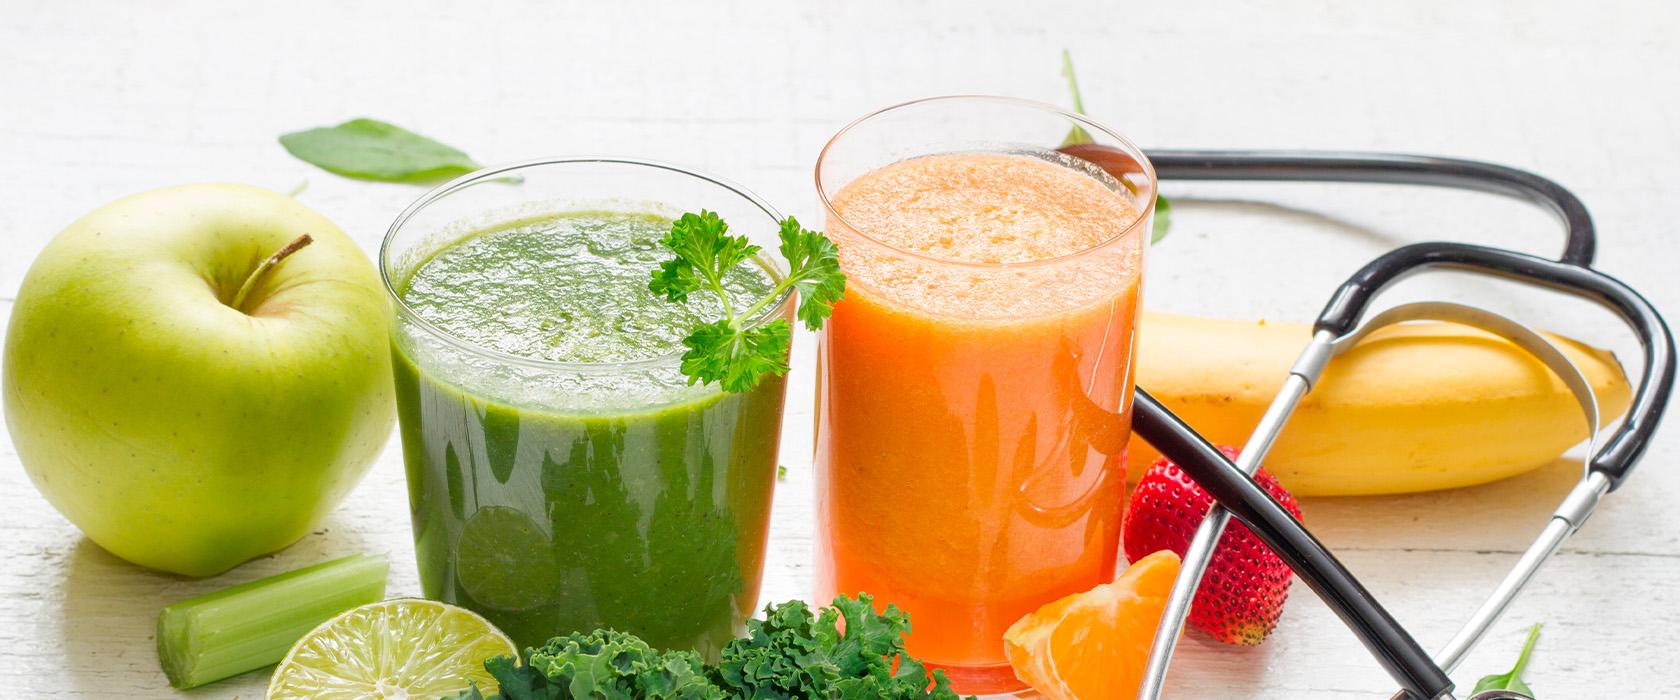 смузи из овощей для похудения рецепты